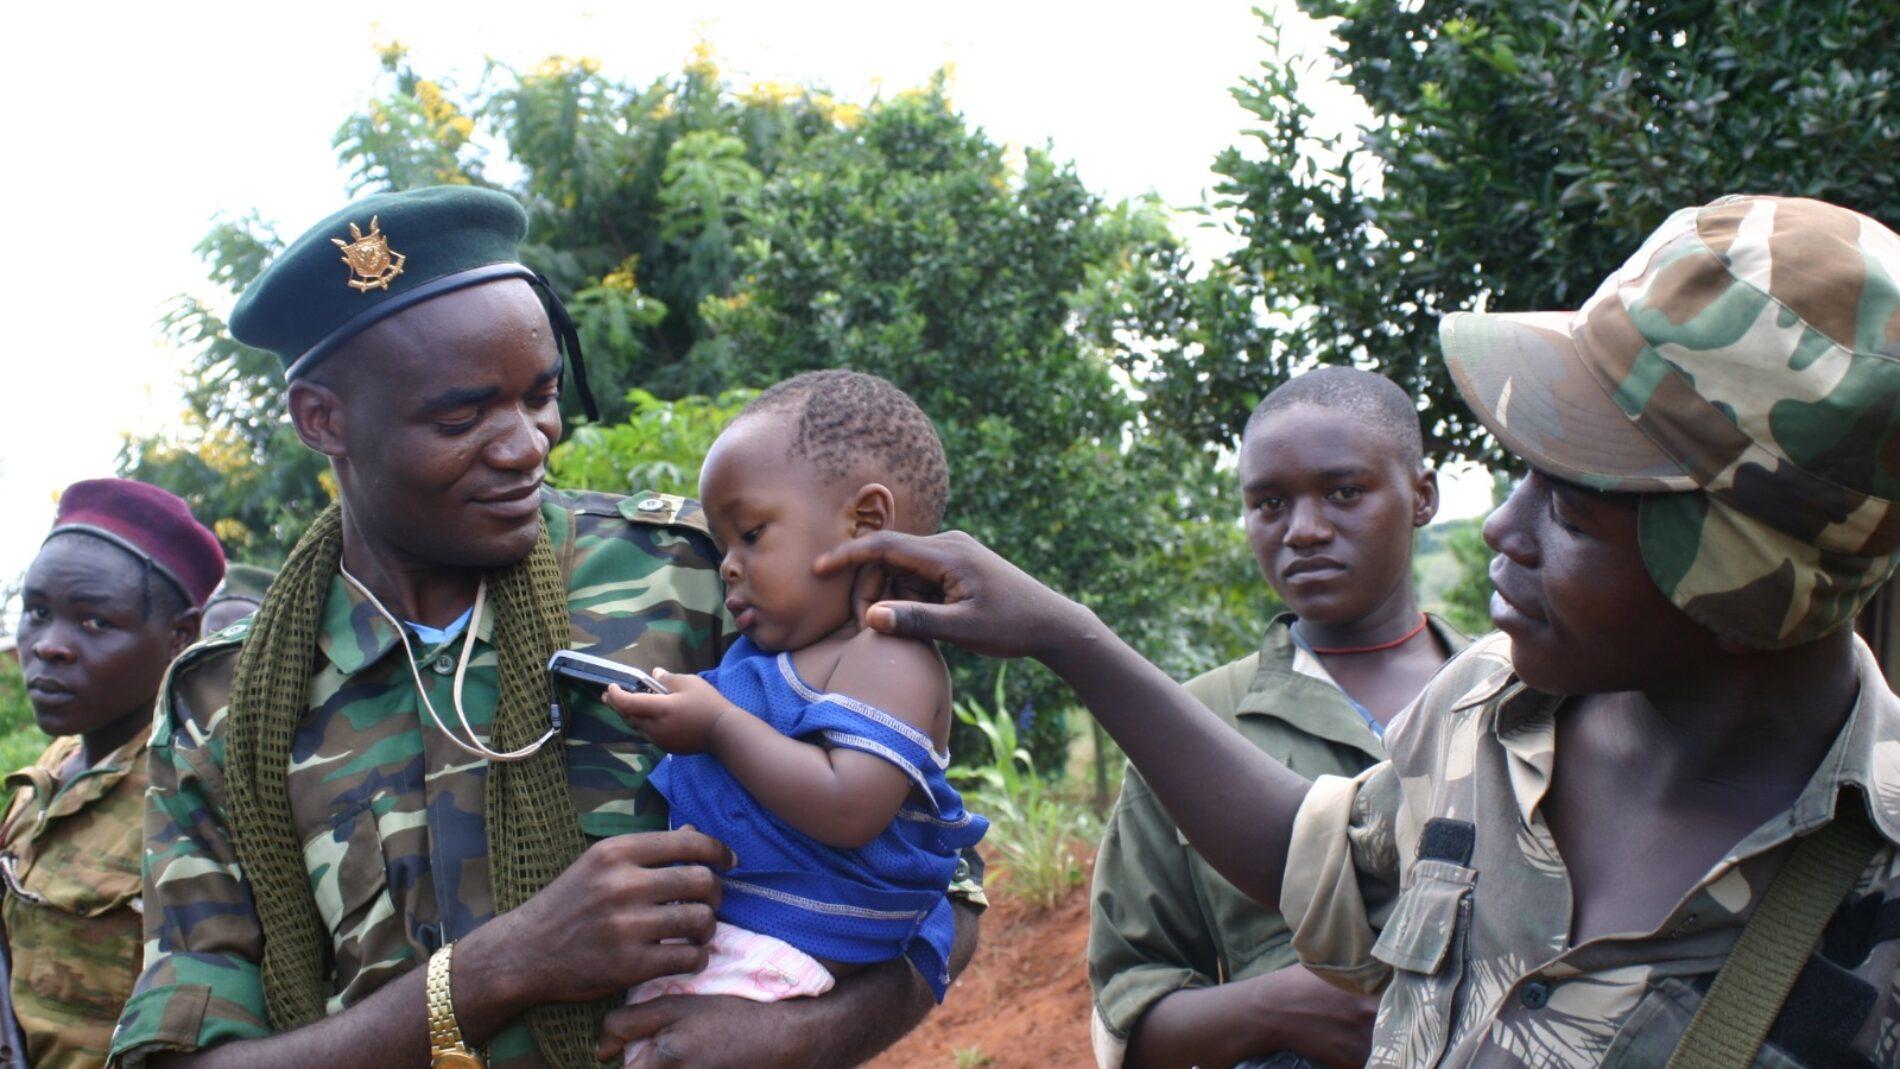 Semaine dédiée aux combattants : le CNDD-FDD multiplie des collectes forcées à Rumonge